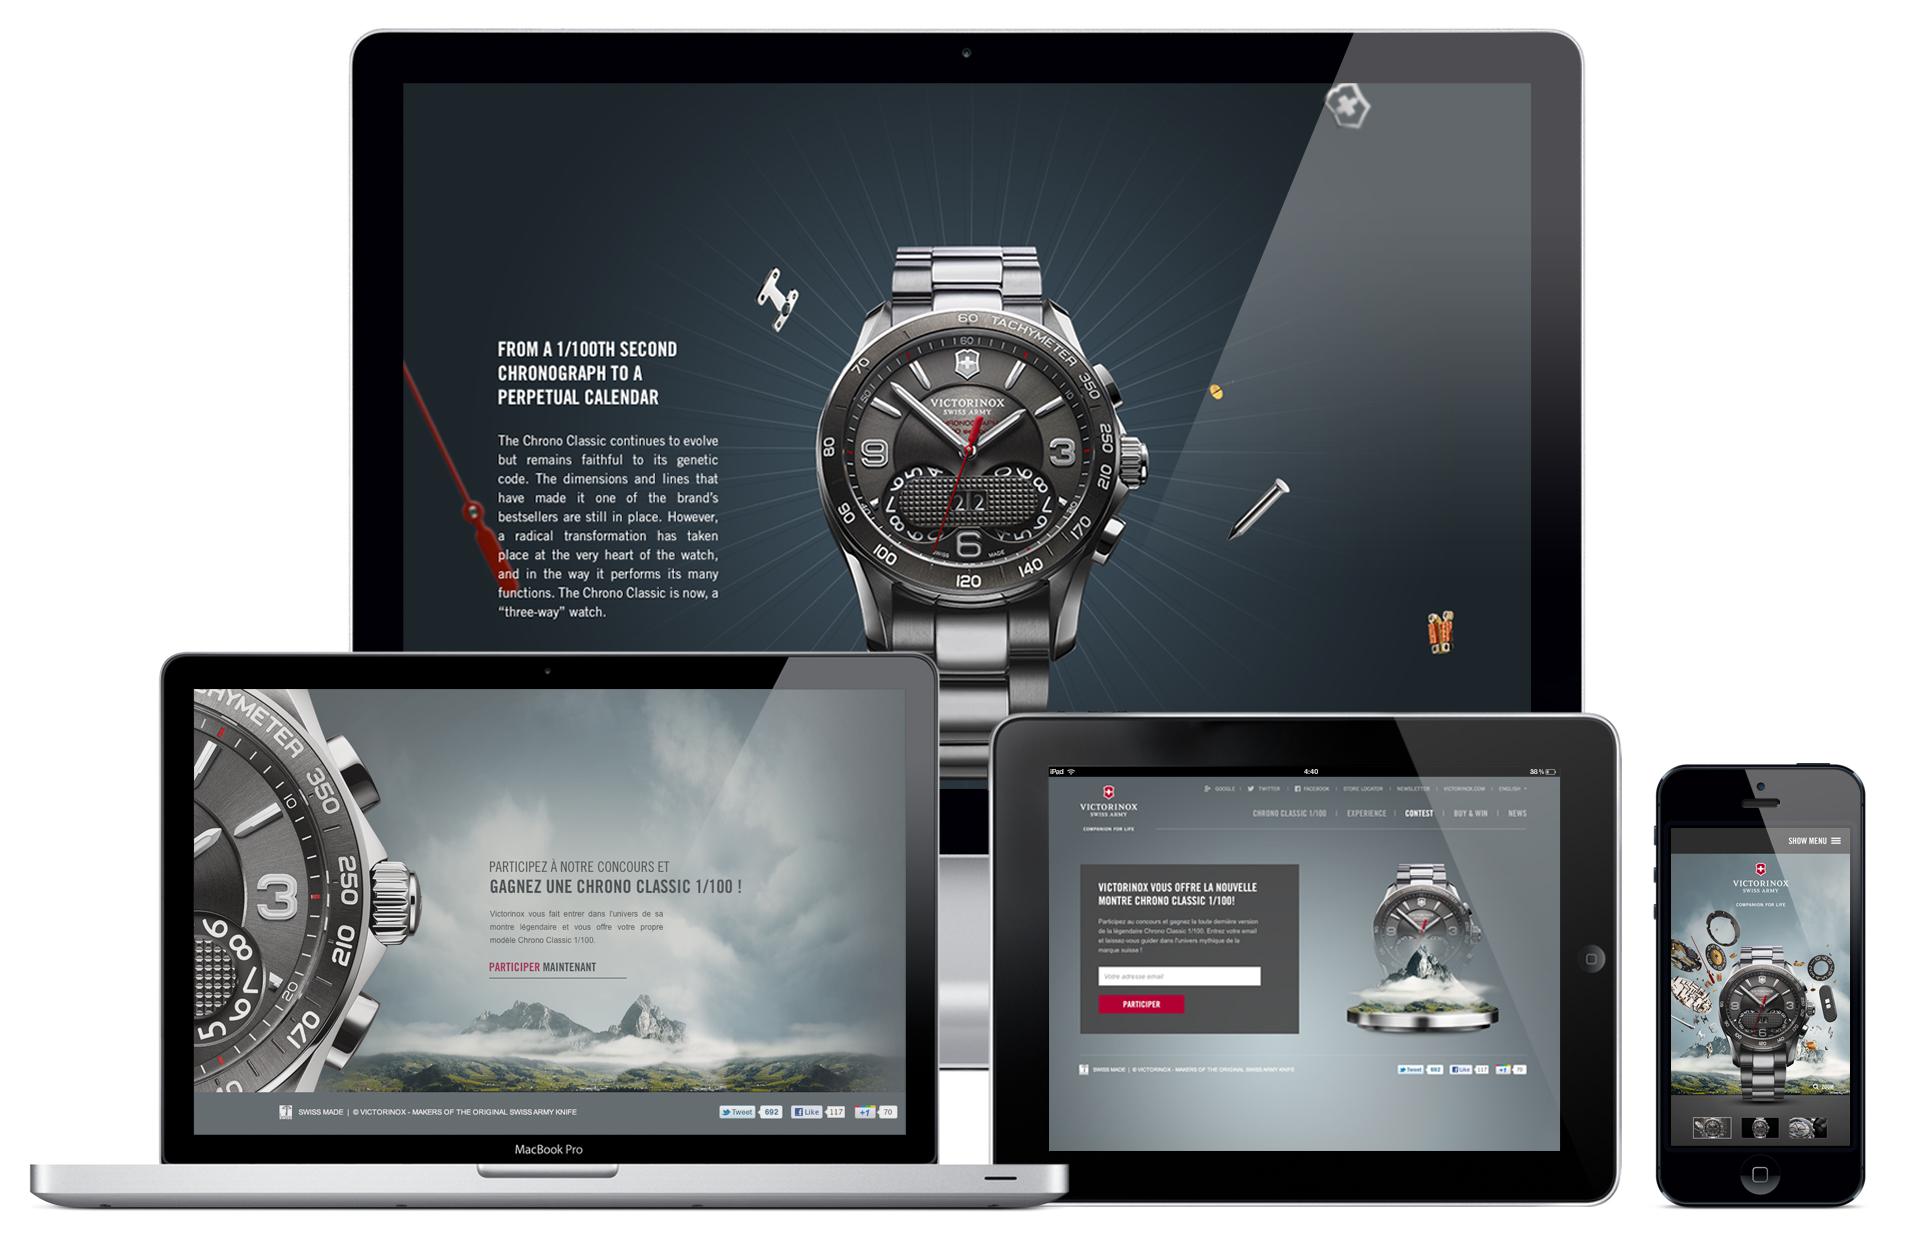 website design for a swiss watch brand